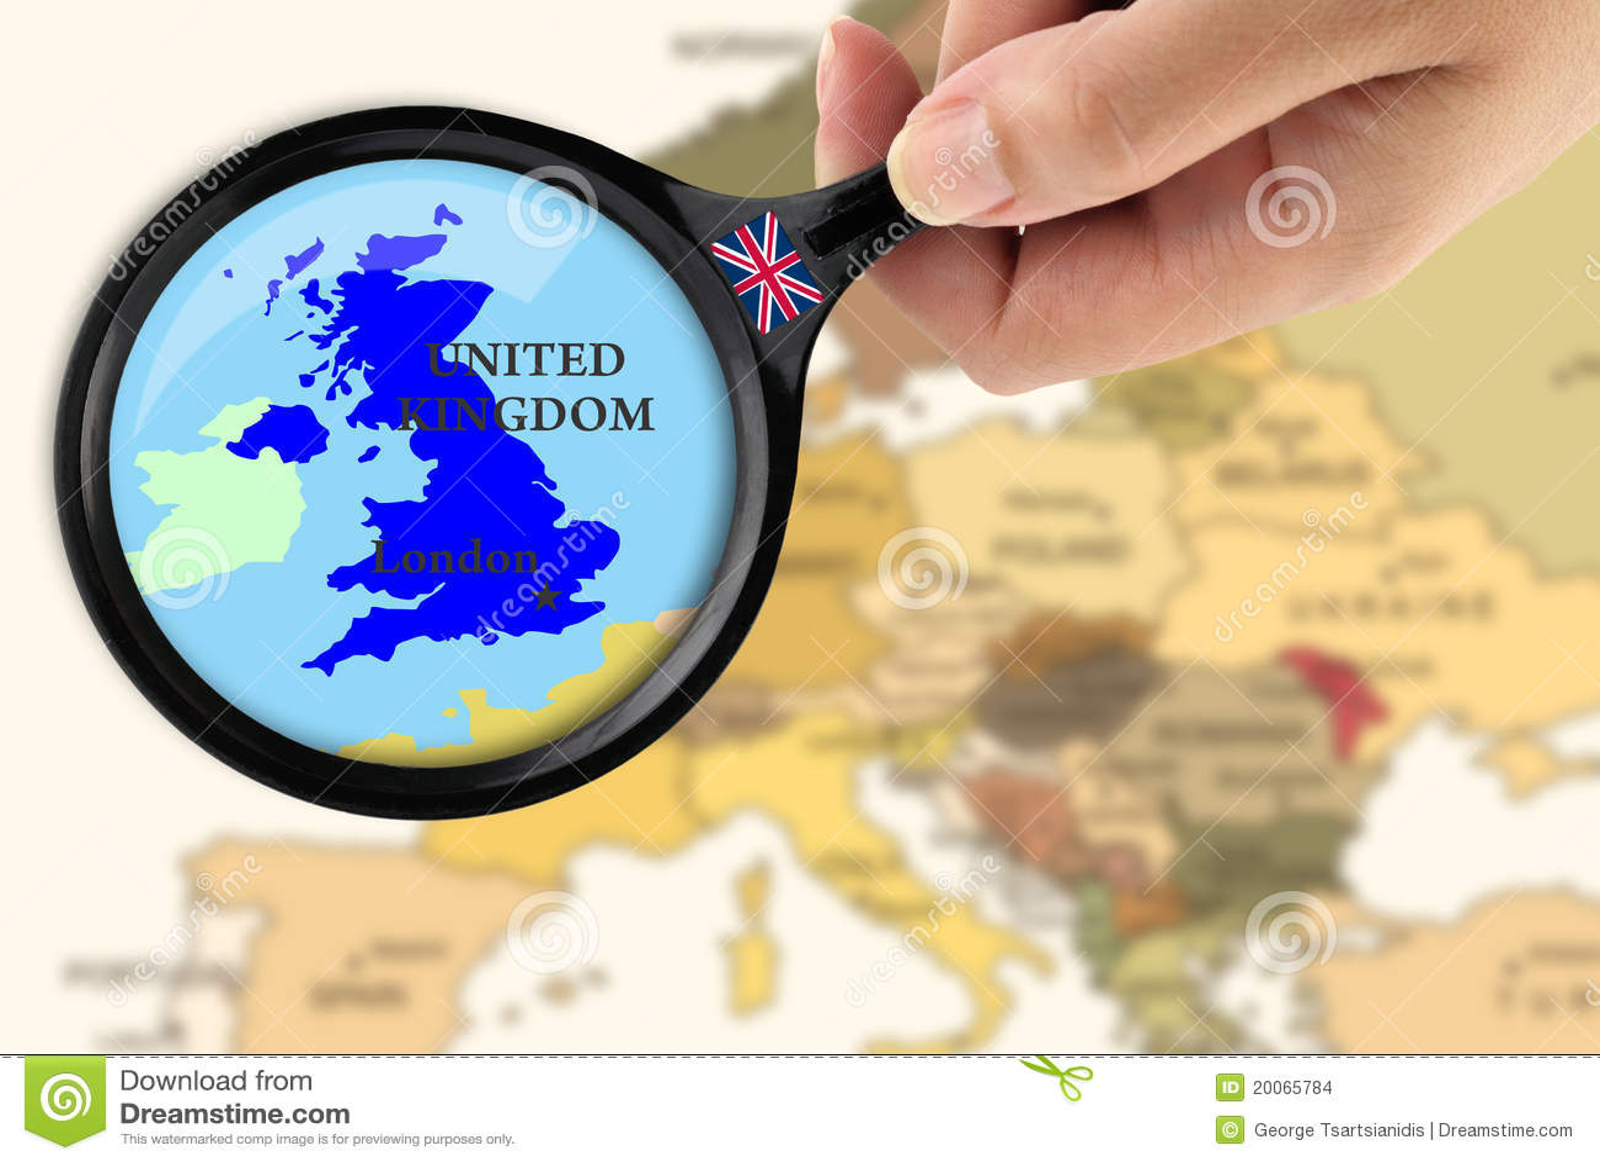 Nadruk in het Verenigd Koninkrijk